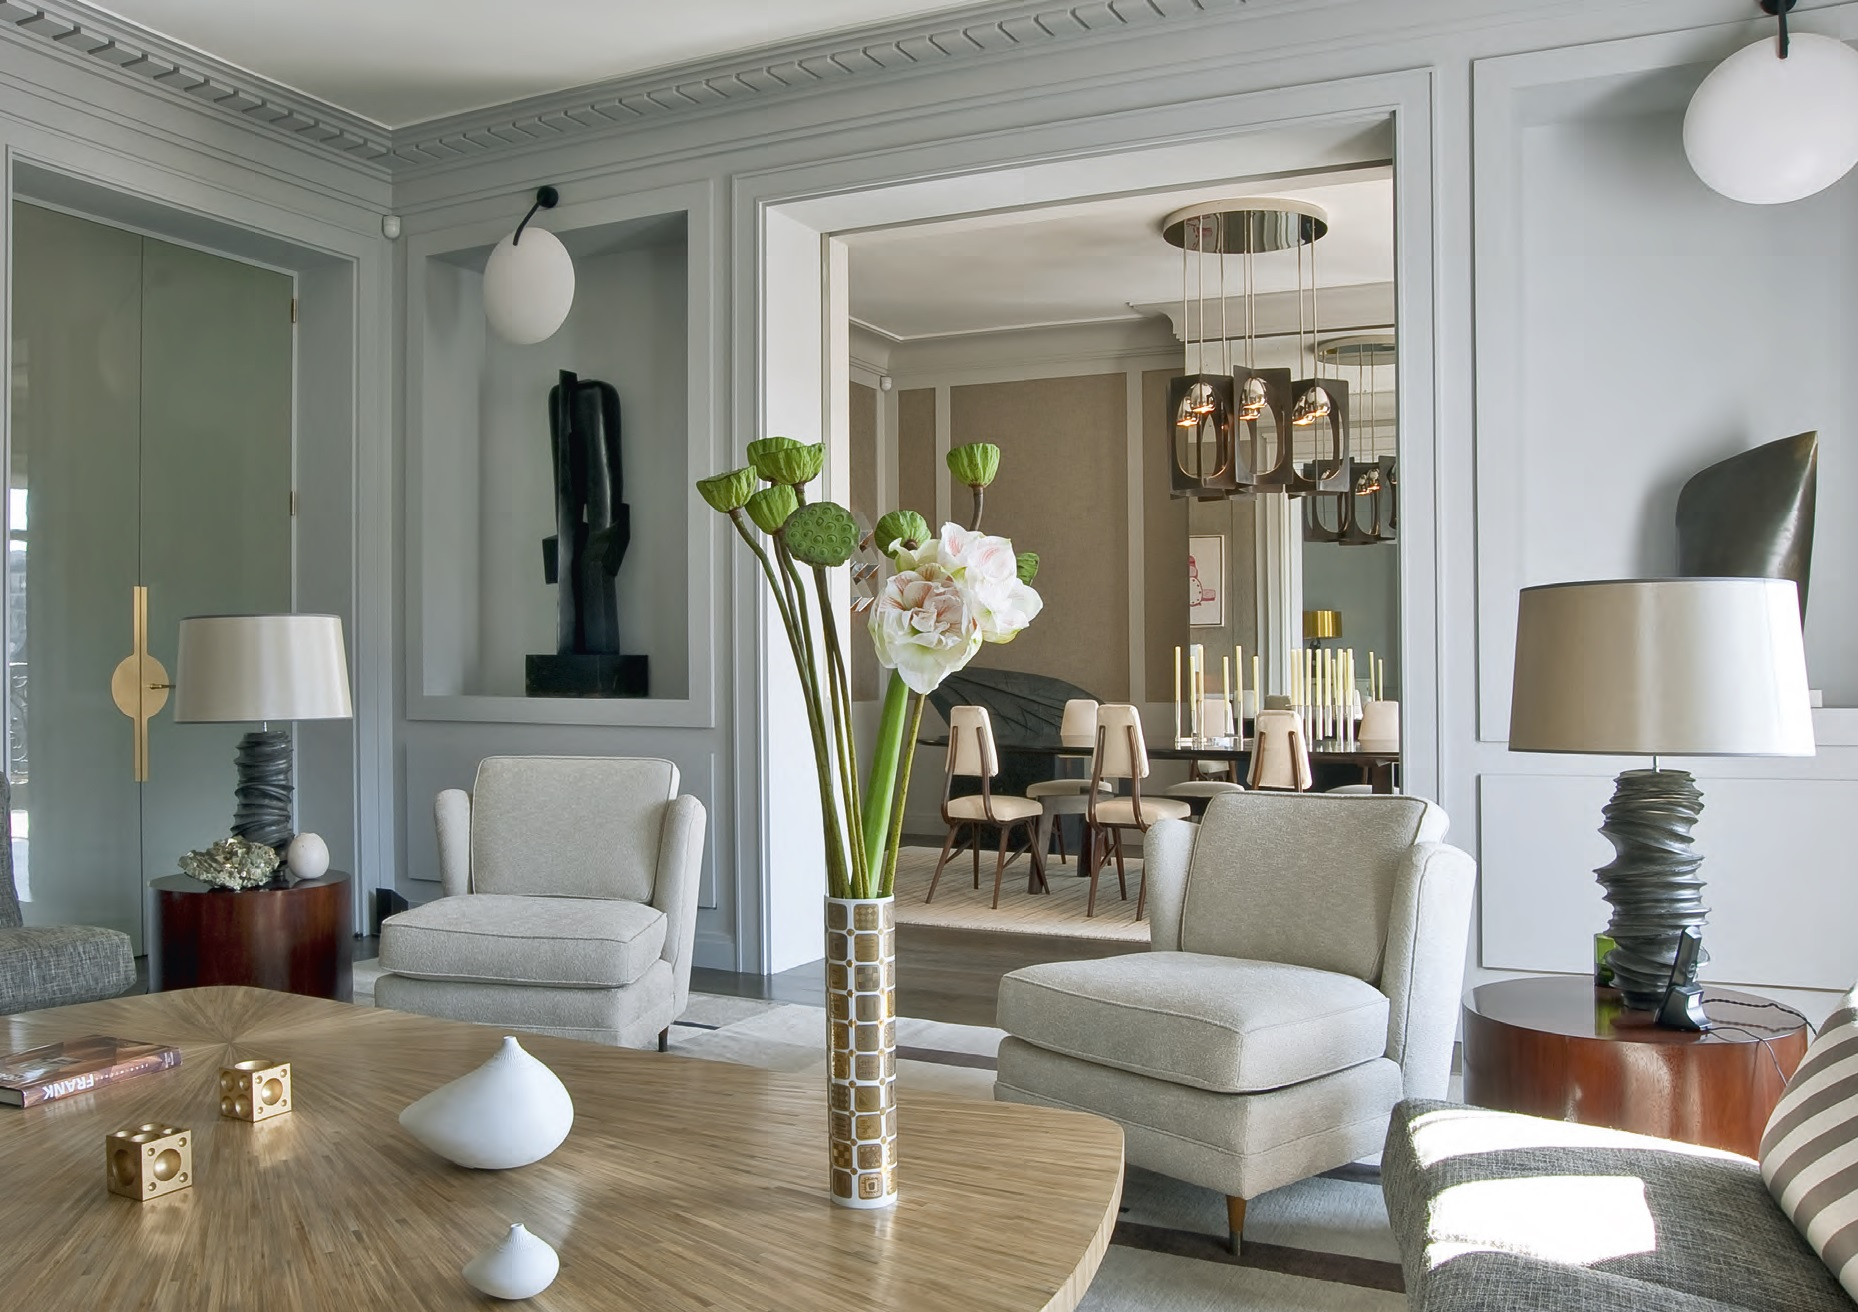 Un appartamento nel trocad ro ville casali for Piccoli piani di casa francese